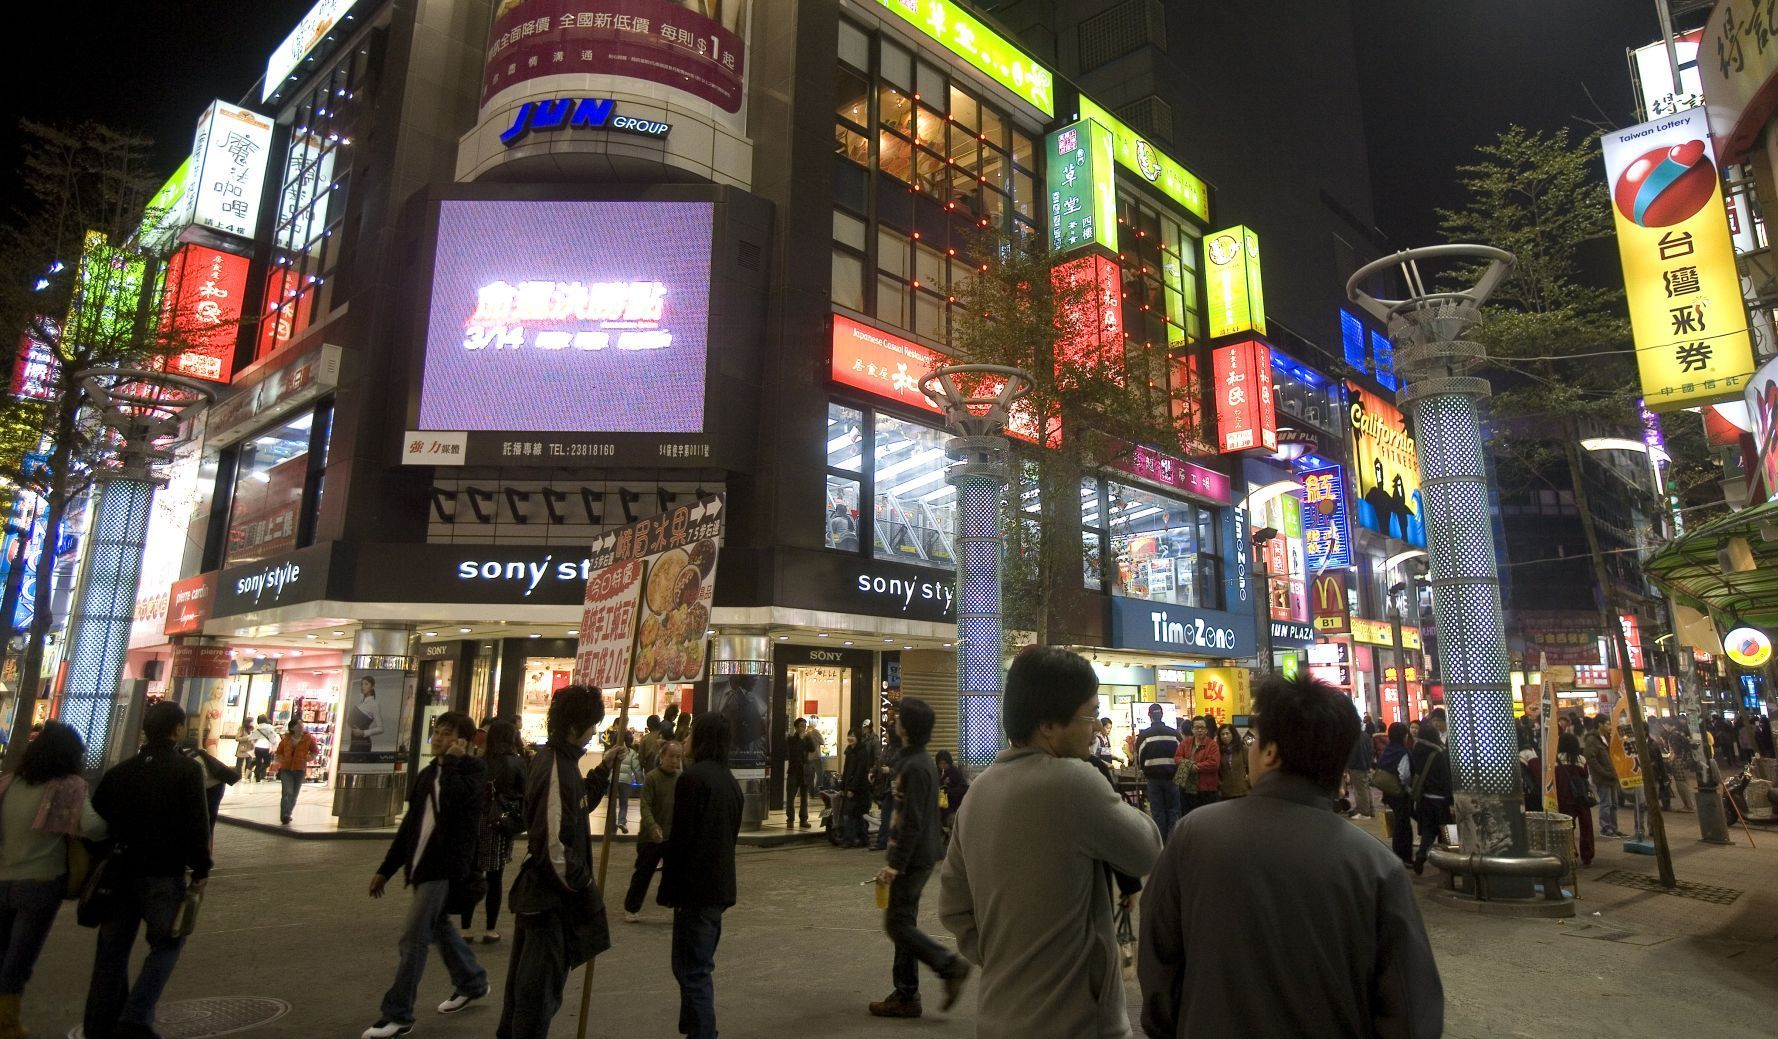 中國央視首度在台打廣告 登西門町大螢幕